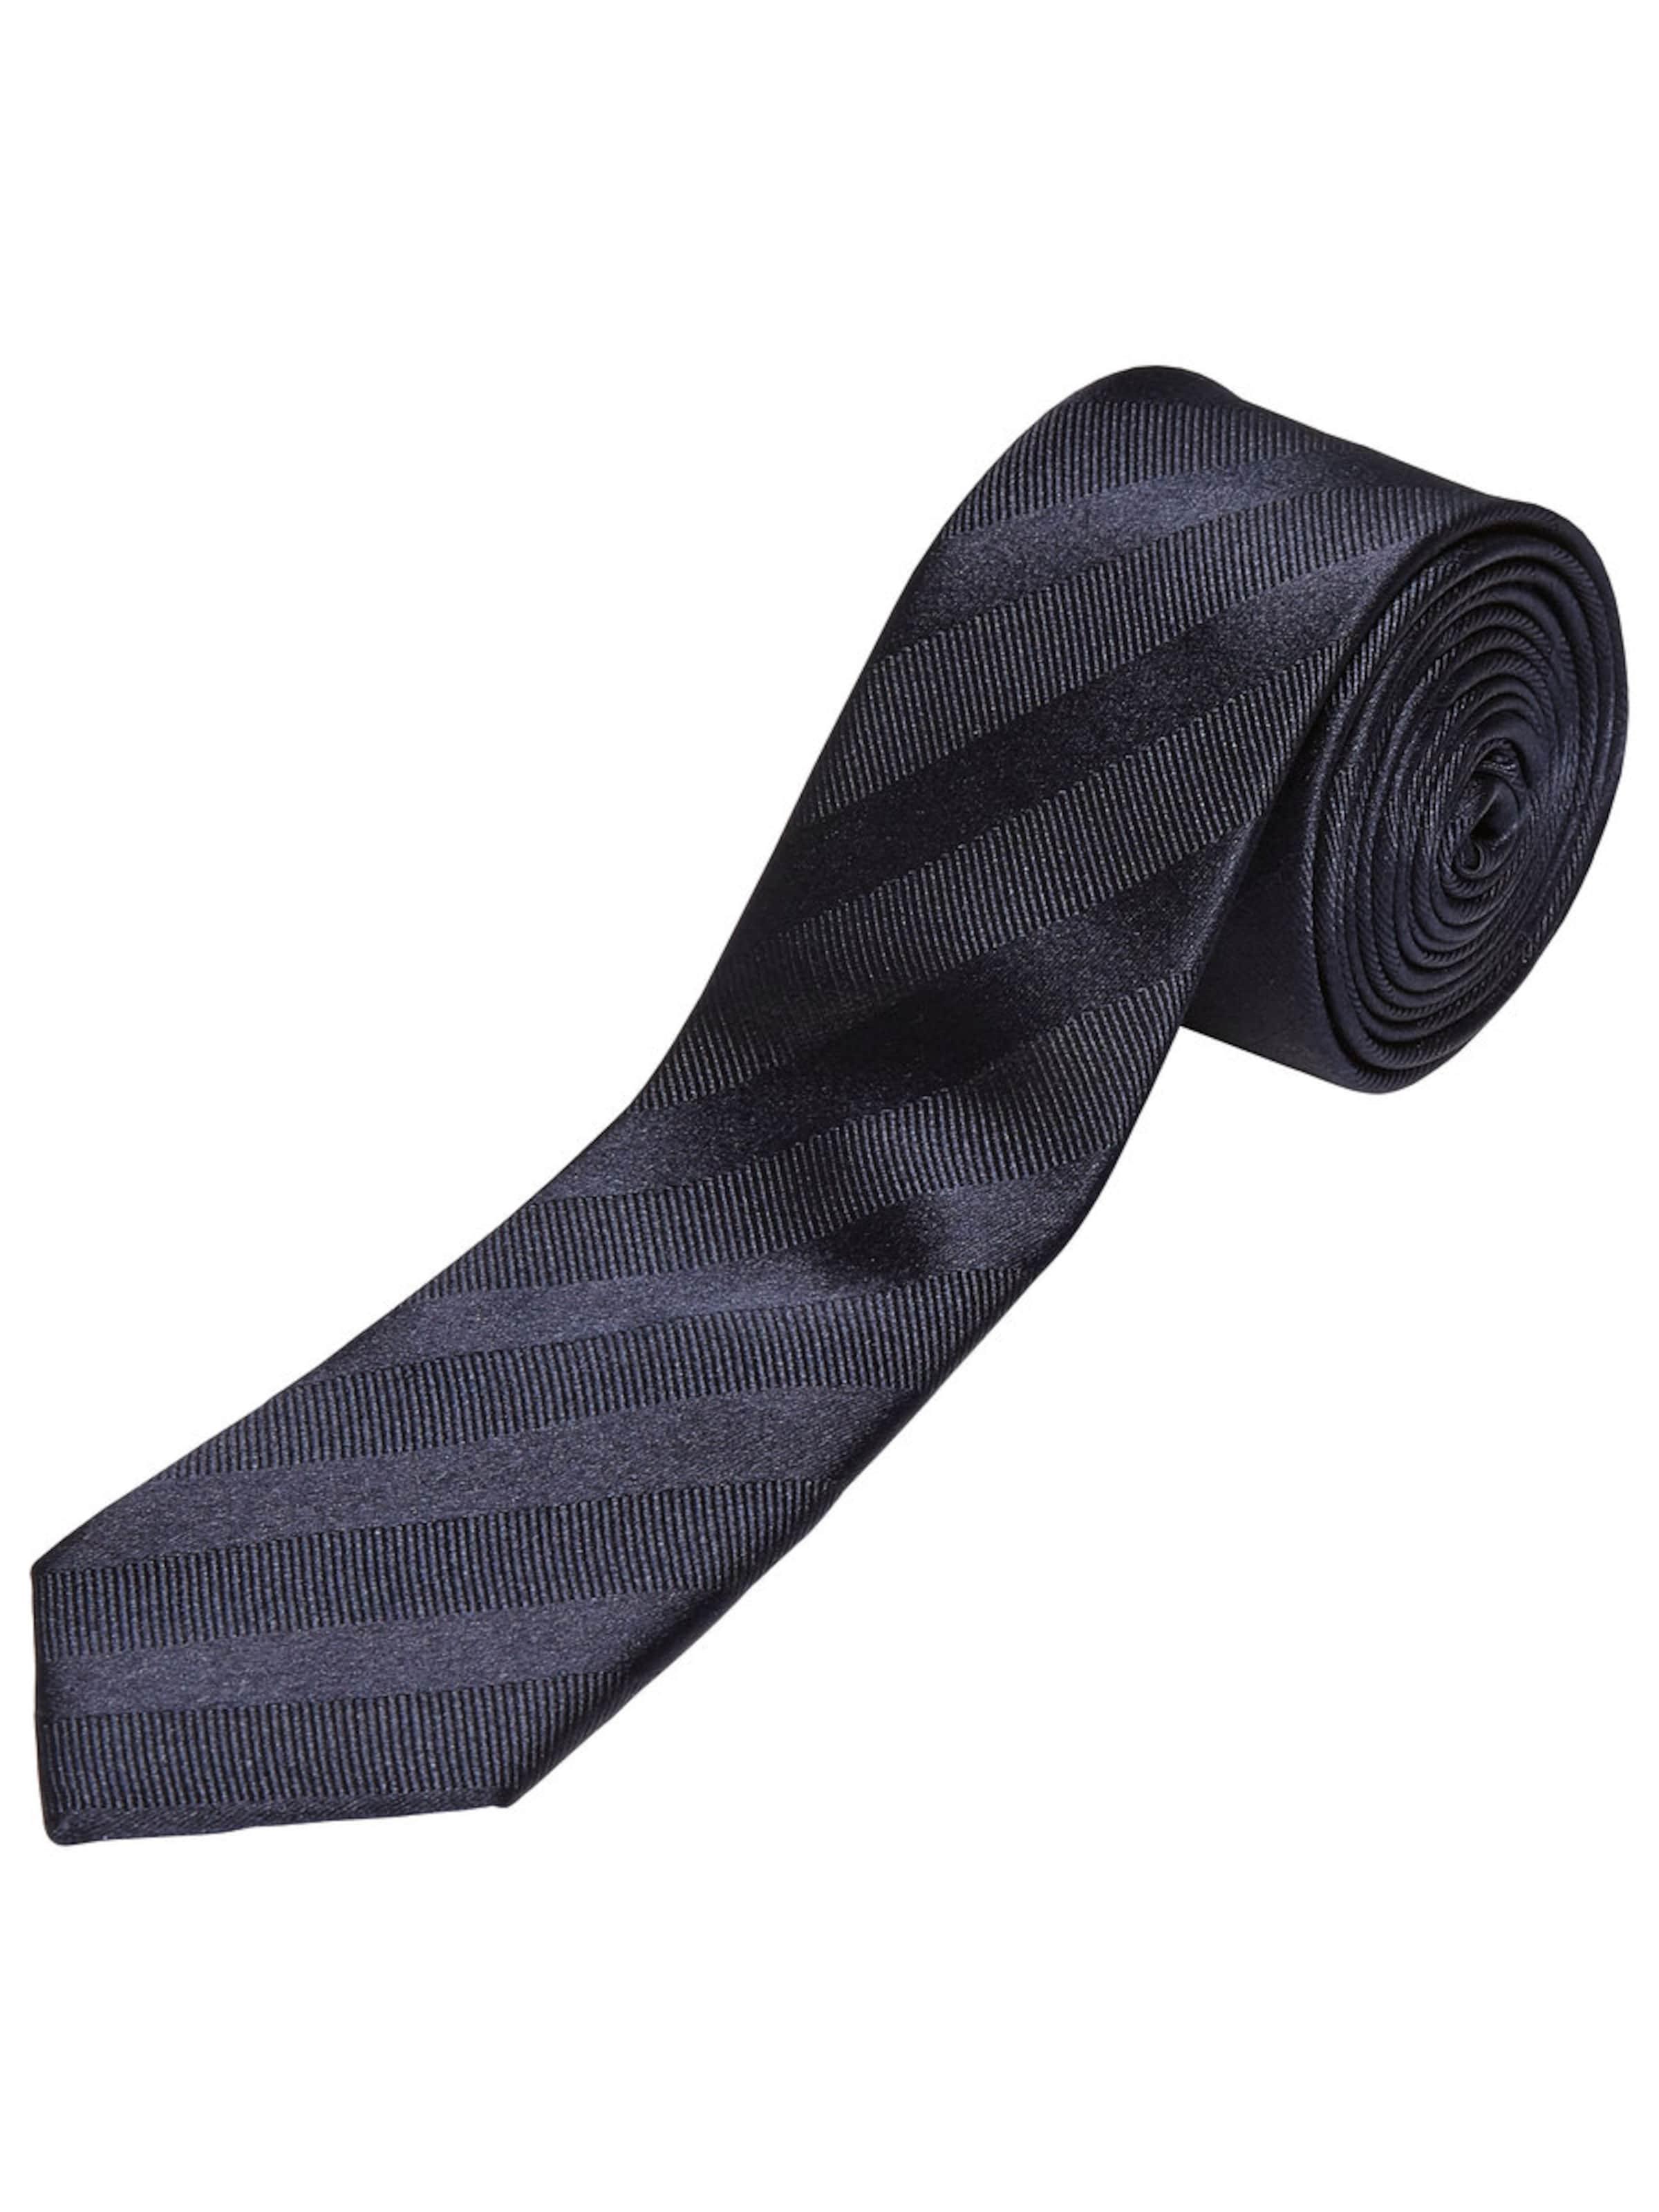 Spielraum Besuch Neu Auslass Für Schön SELECTED HOMME Krawatte Visa-Zahlung Limitierte Auflage XZr8o